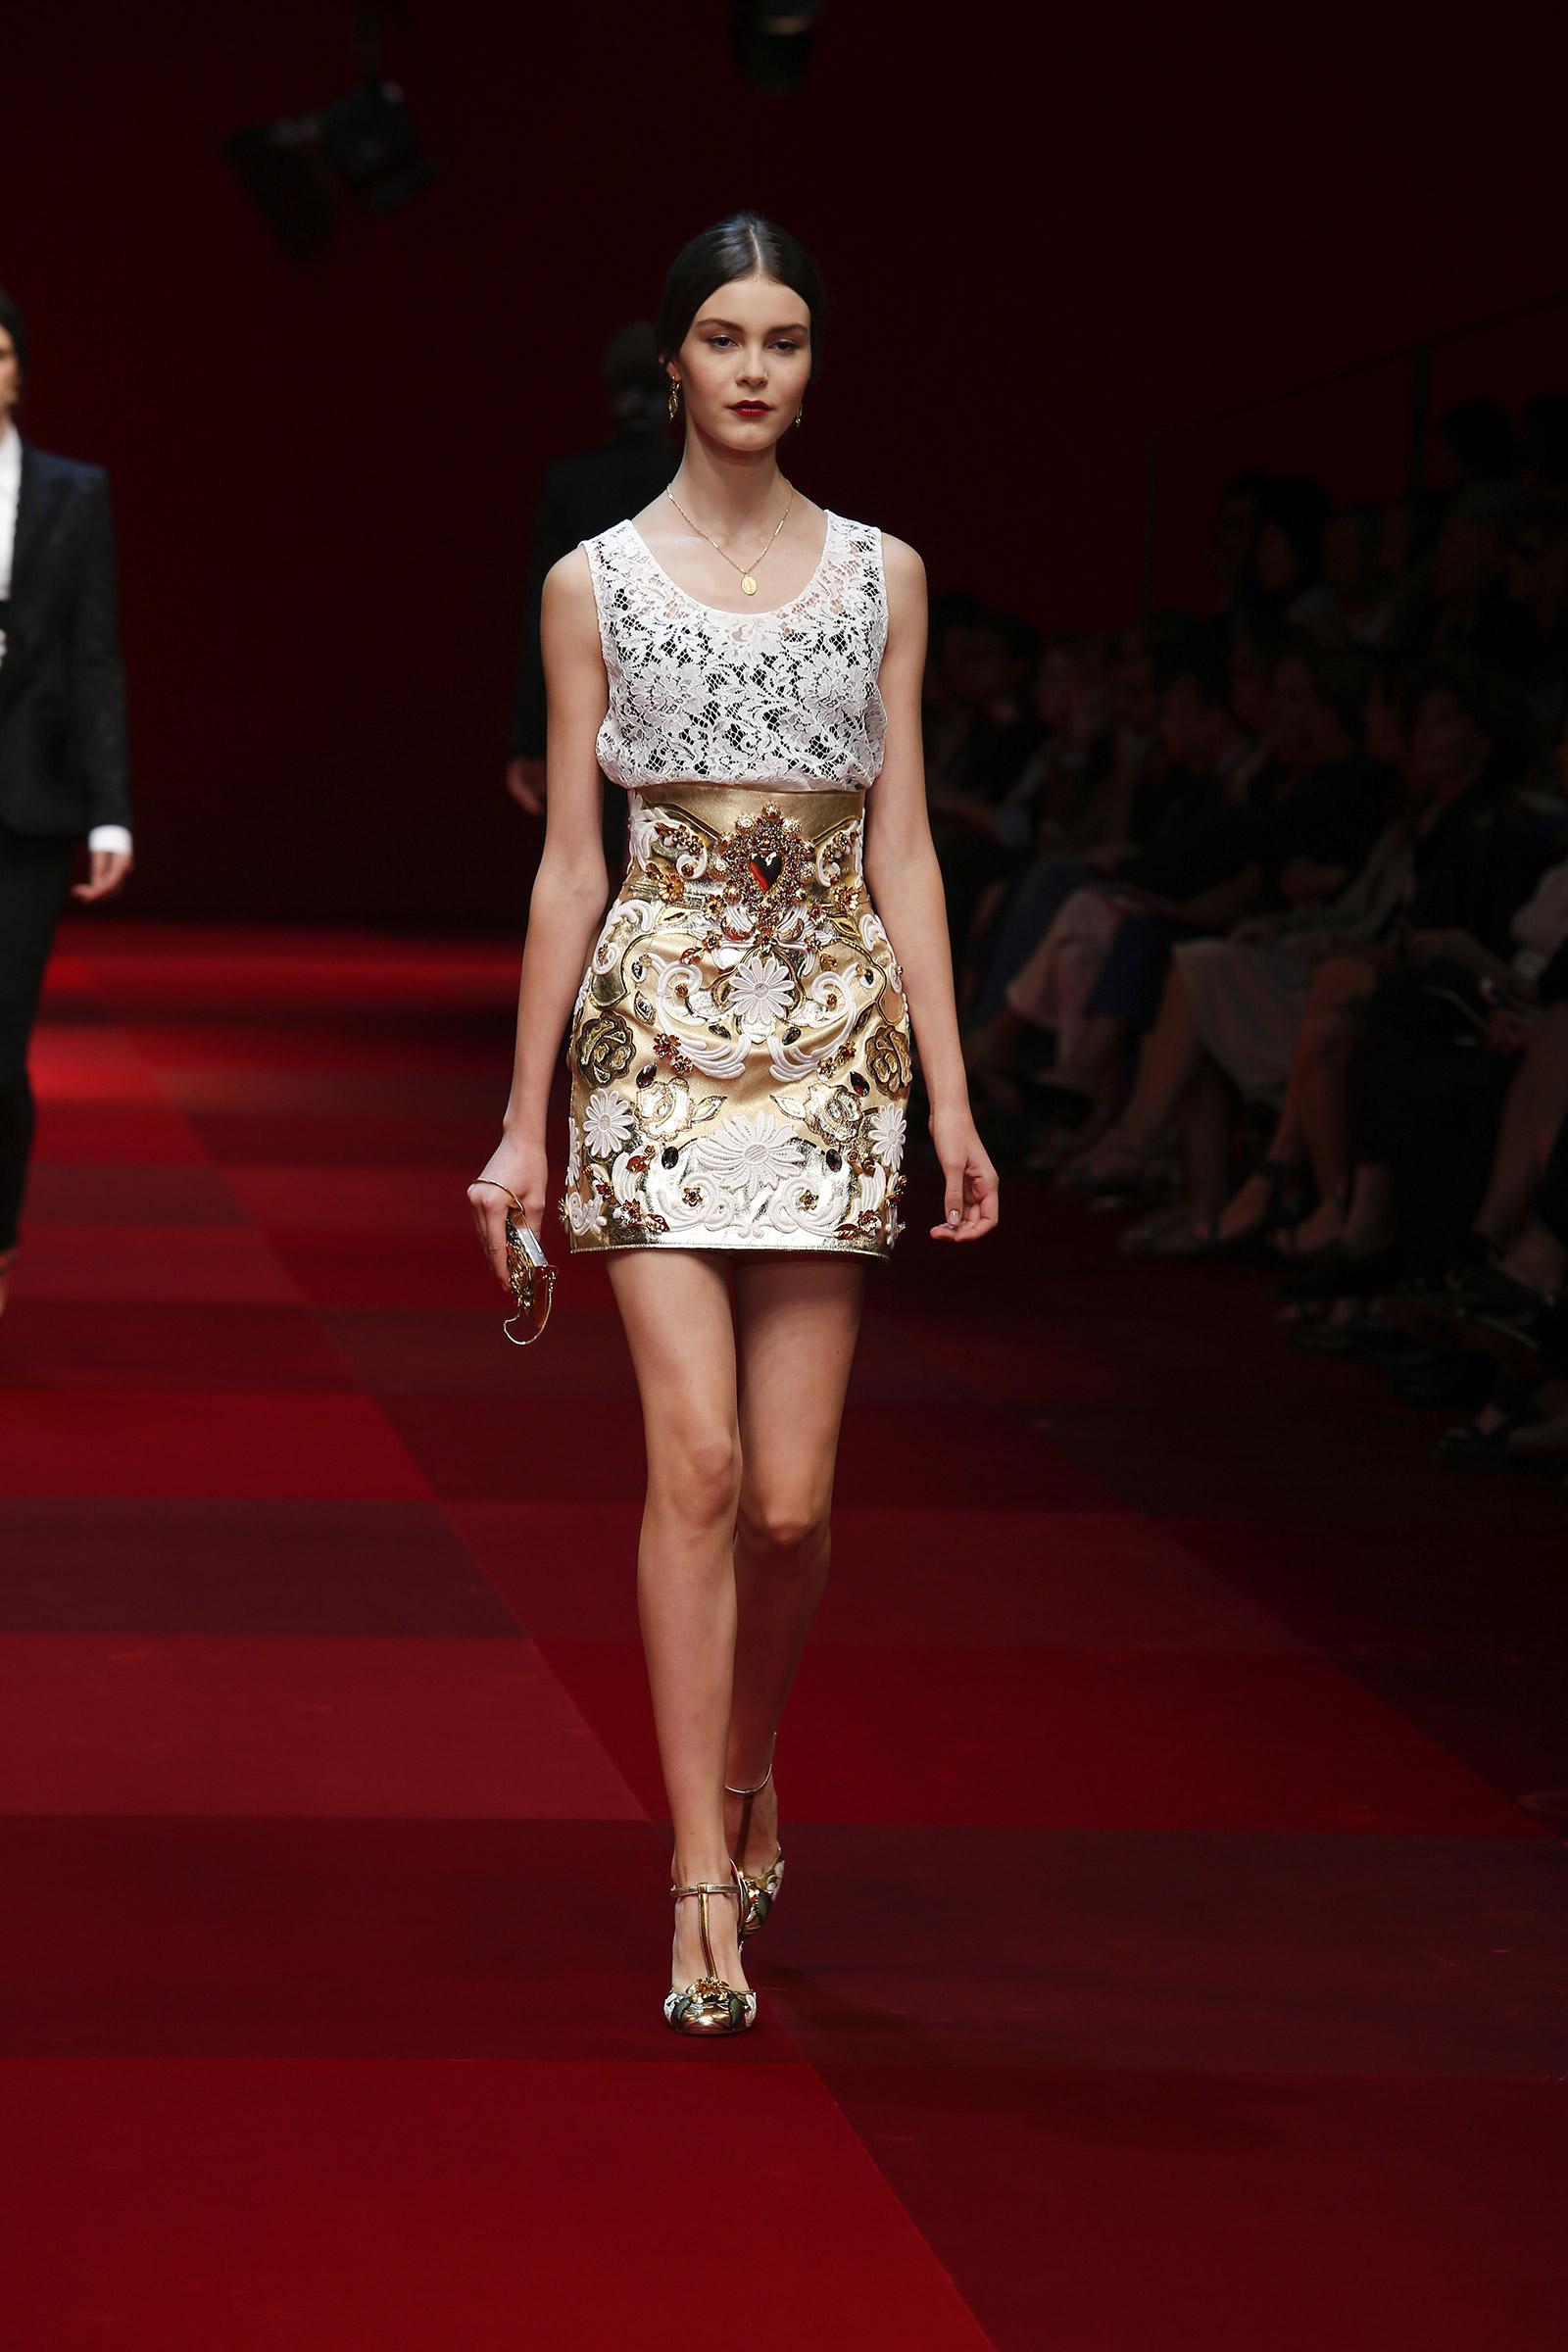 dolce-and-gabbana-summer-2015-women-fashion-show-runway-012